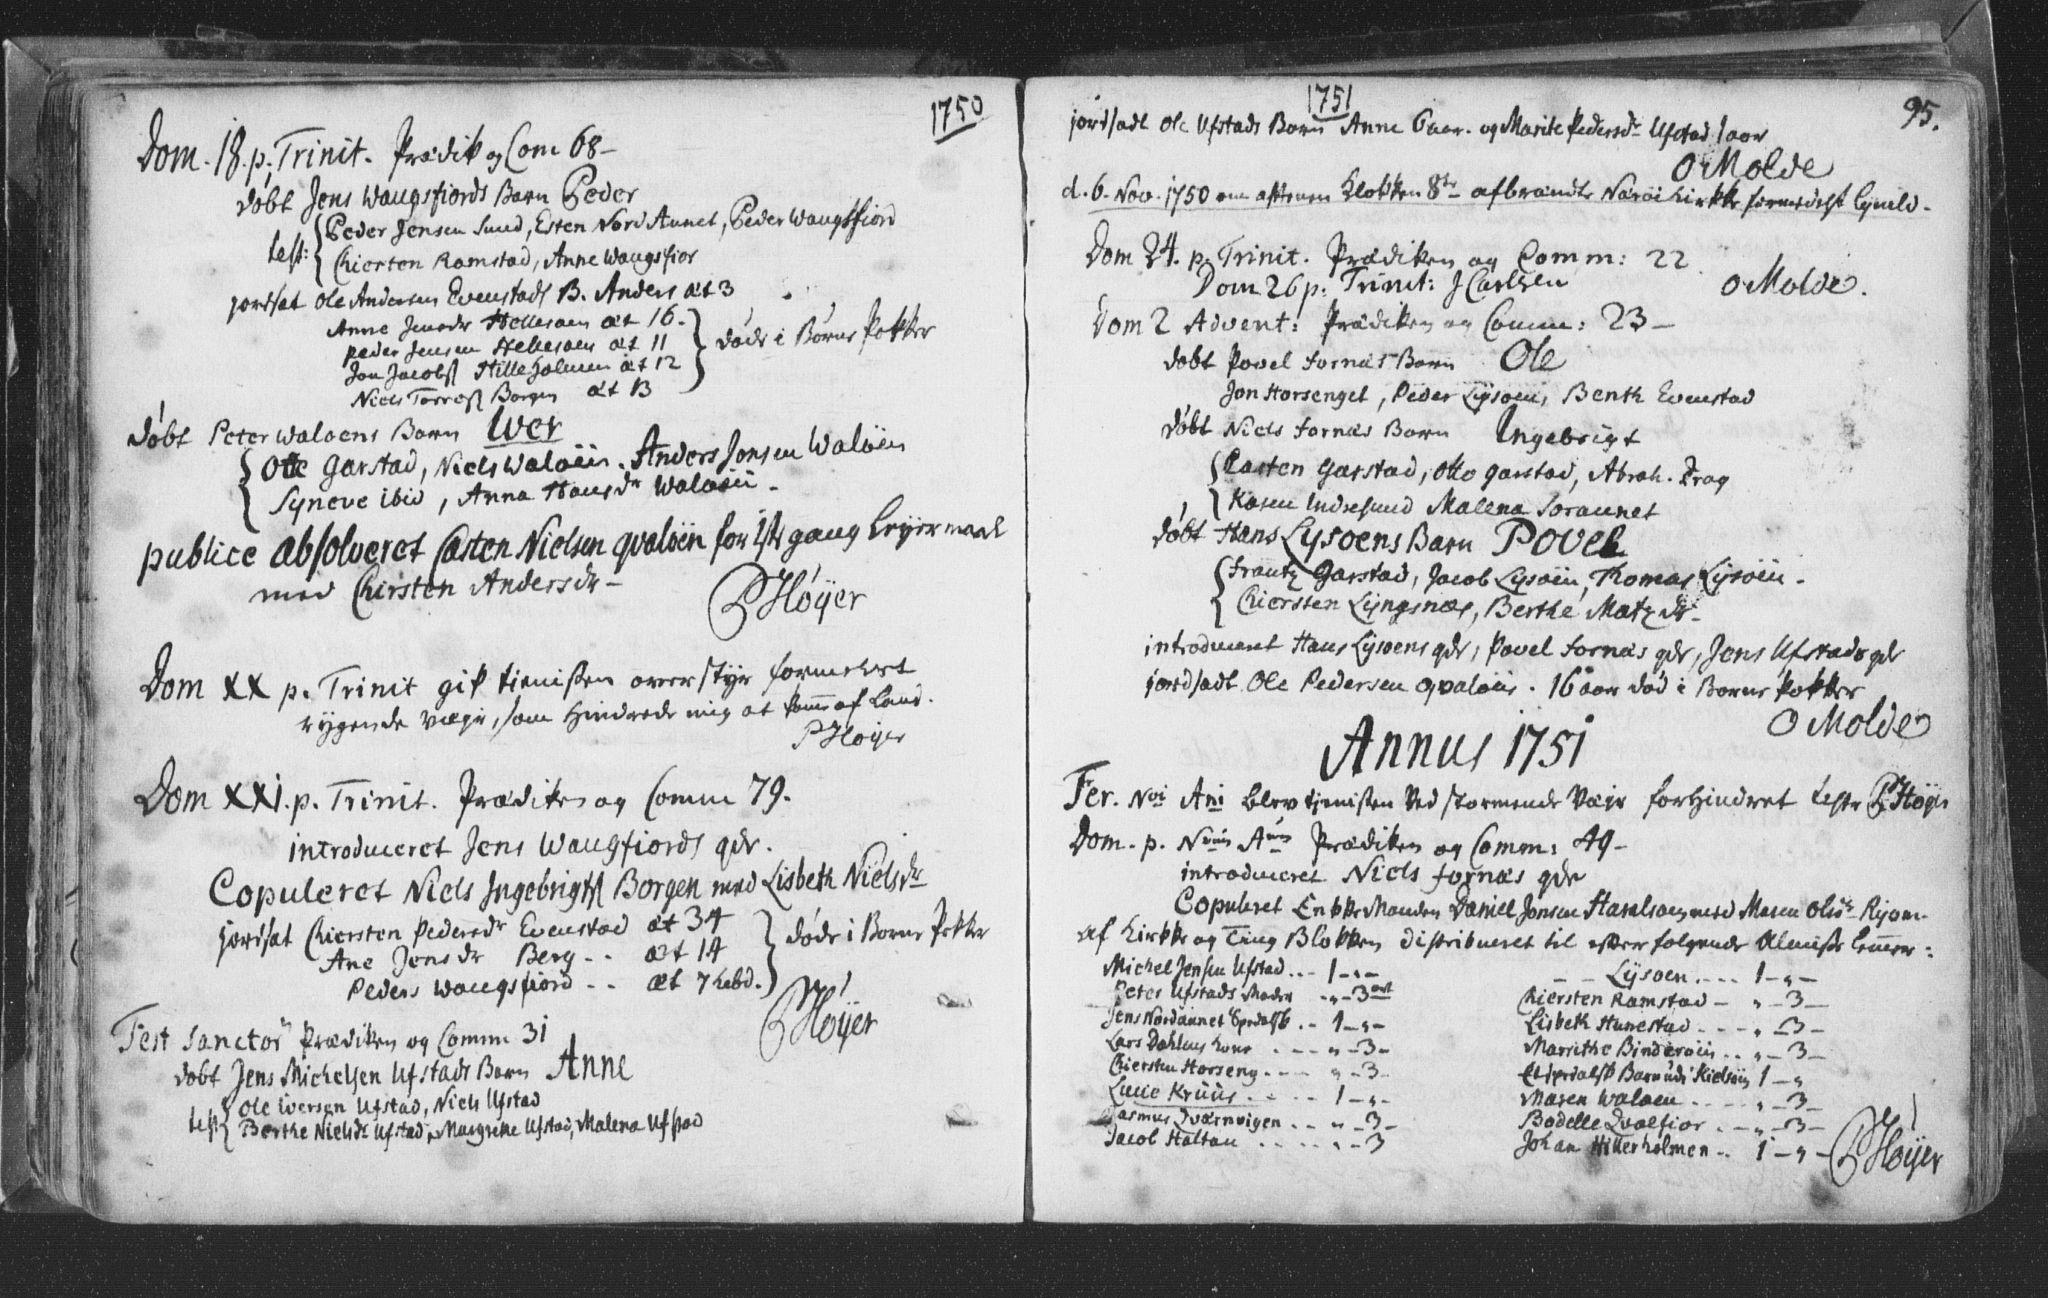 SAT, Ministerialprotokoller, klokkerbøker og fødselsregistre - Nord-Trøndelag, 786/L0685: Ministerialbok nr. 786A01, 1710-1798, s. 95